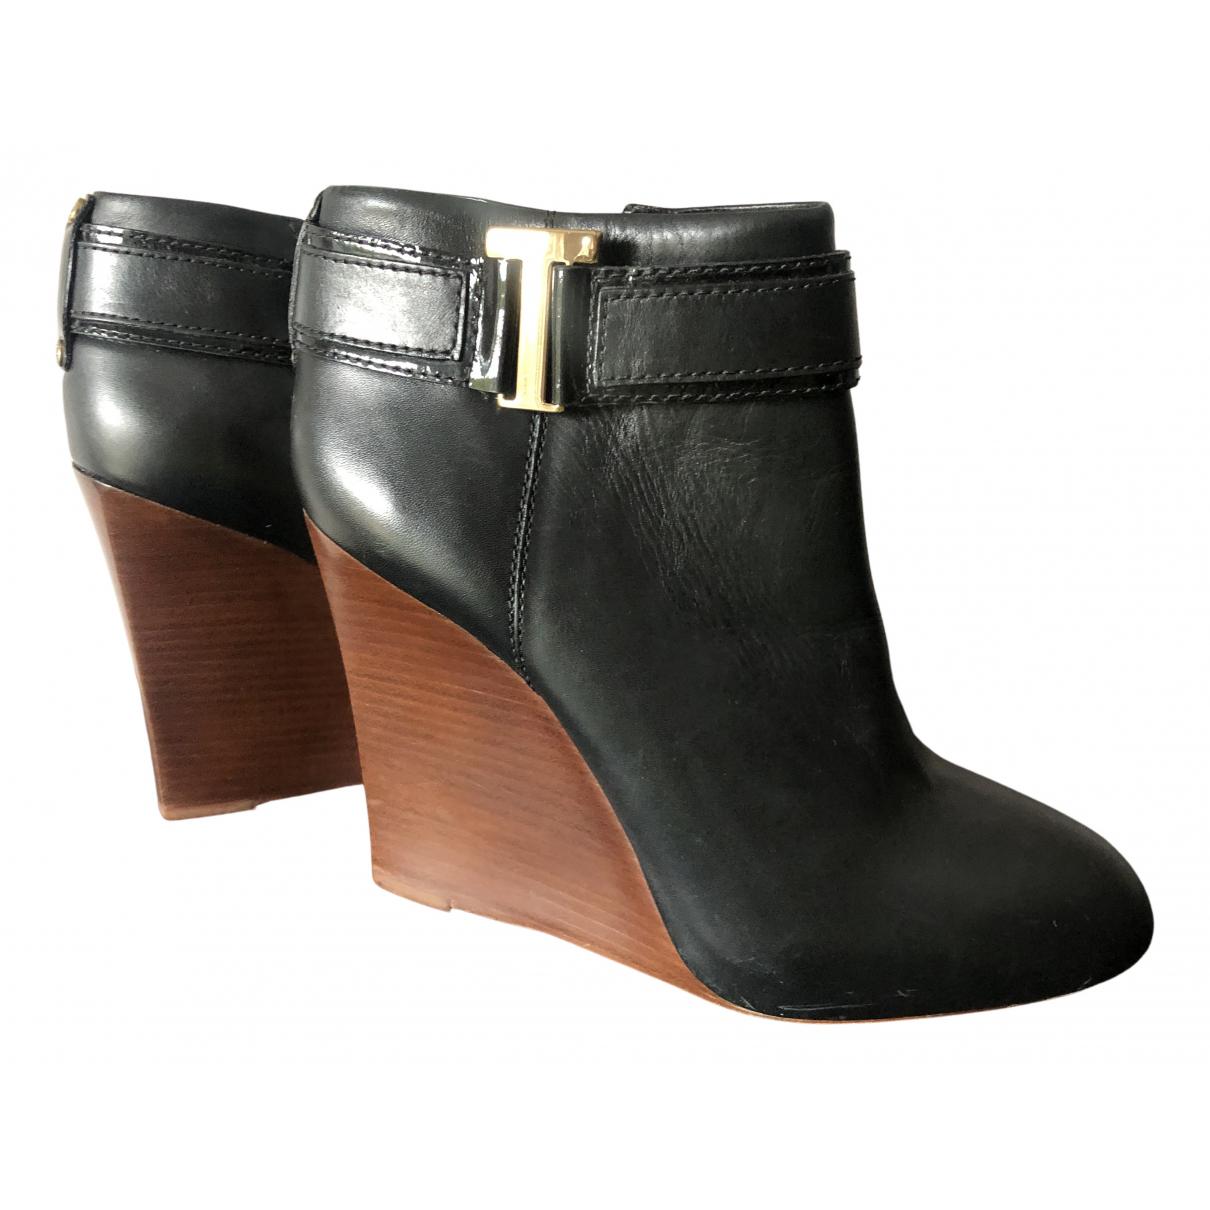 Tory Burch - Boots   pour femme en cuir - noir